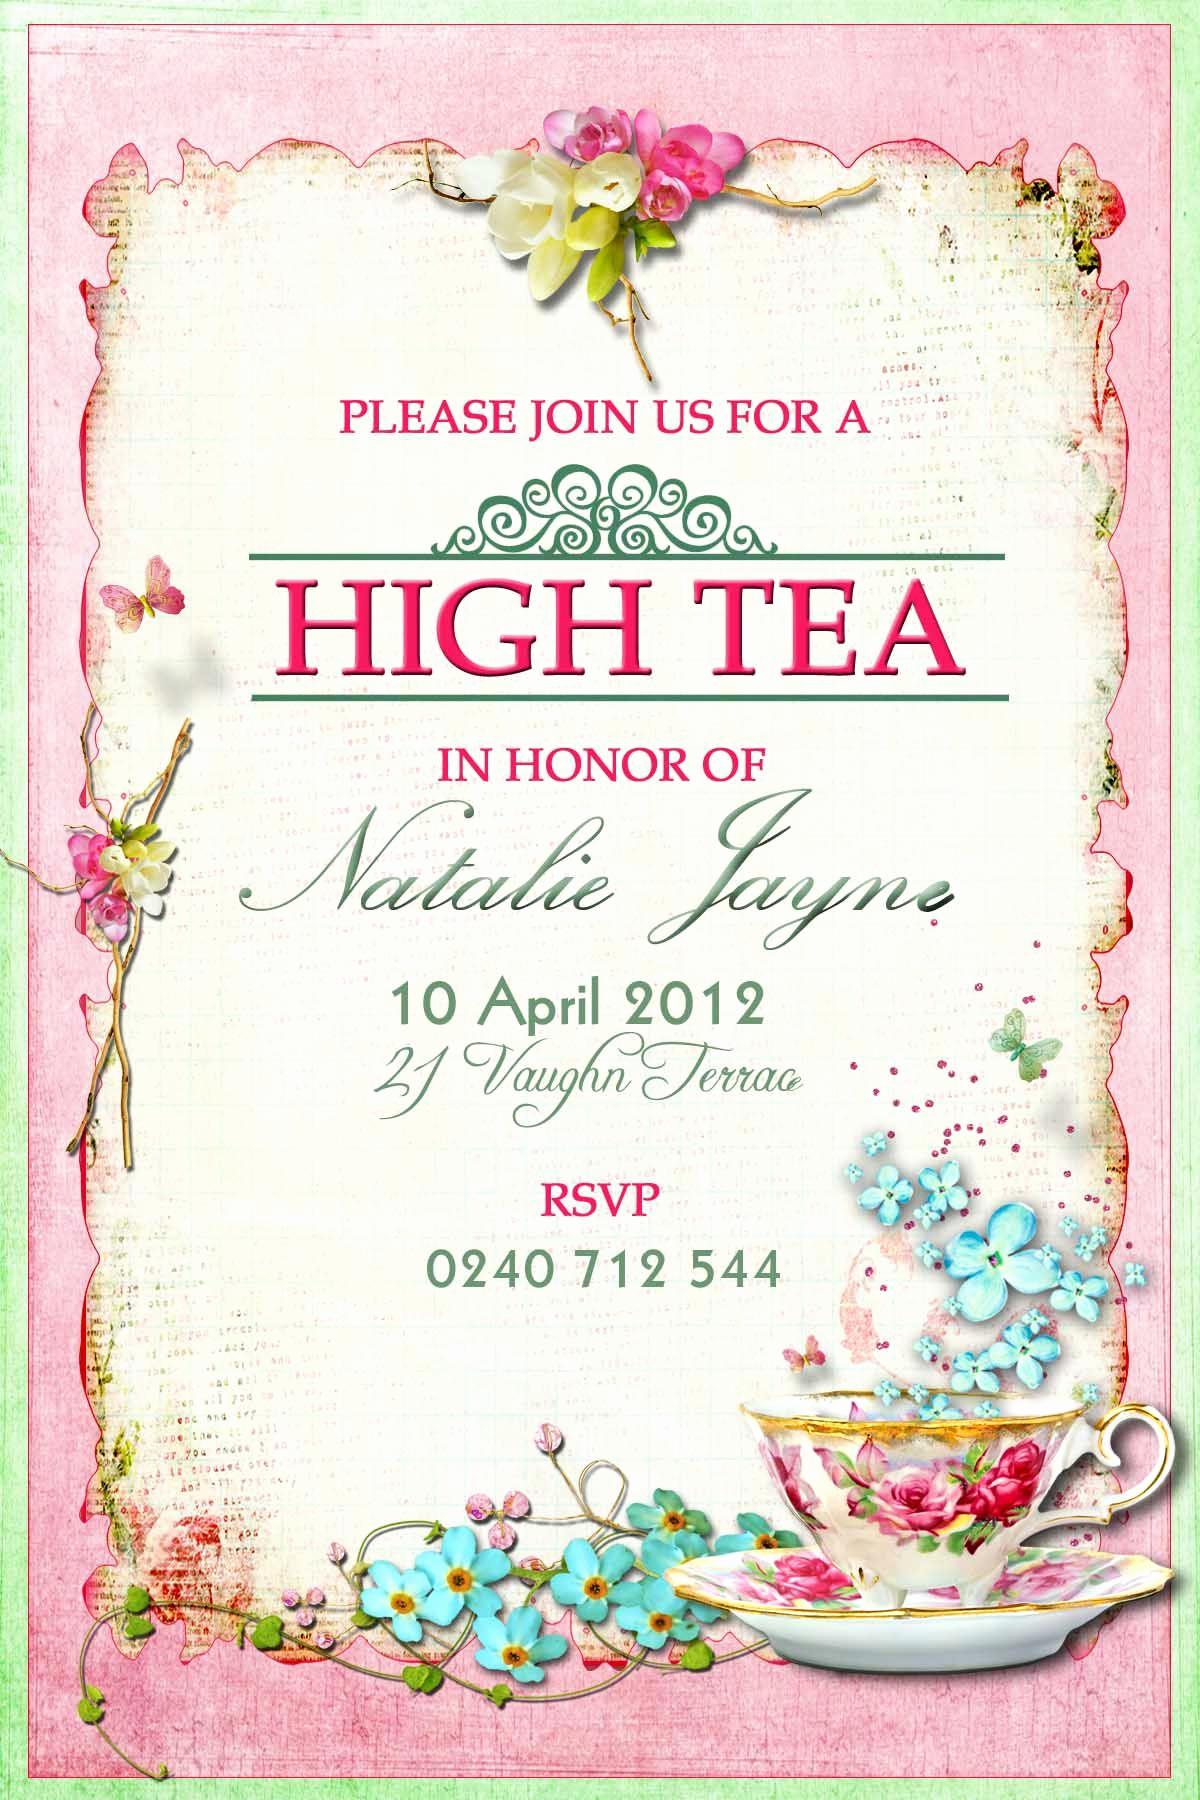 Tea Party Invitation Ideas Lovely Victorian High Tea Party Invitations Surprise Party